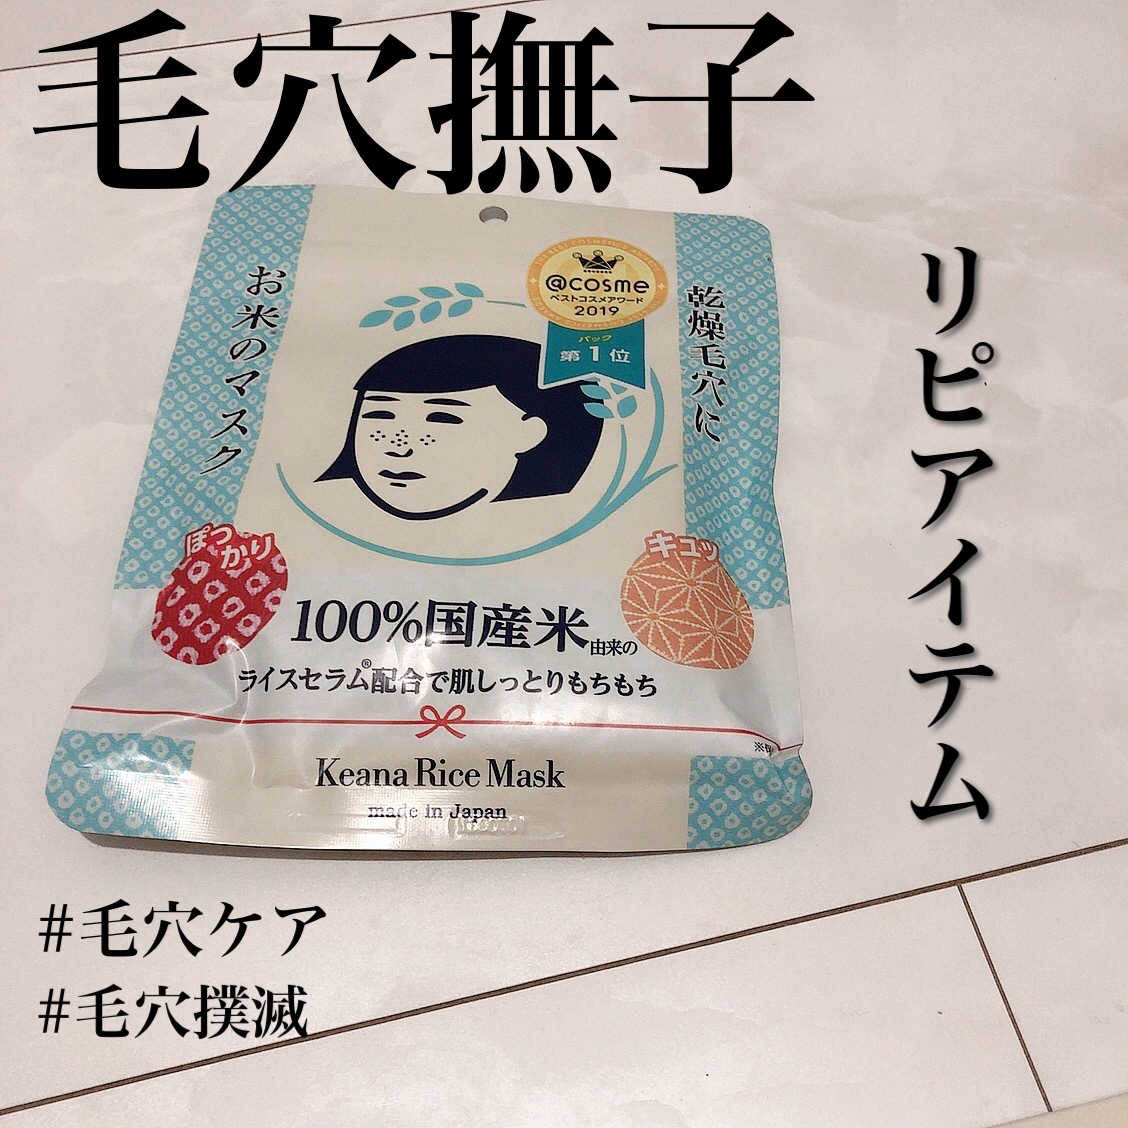 毛穴撫子(ケアナナデシコ)お米のマスク <シートマスク>を使ったkhさんのクチコミ画像1